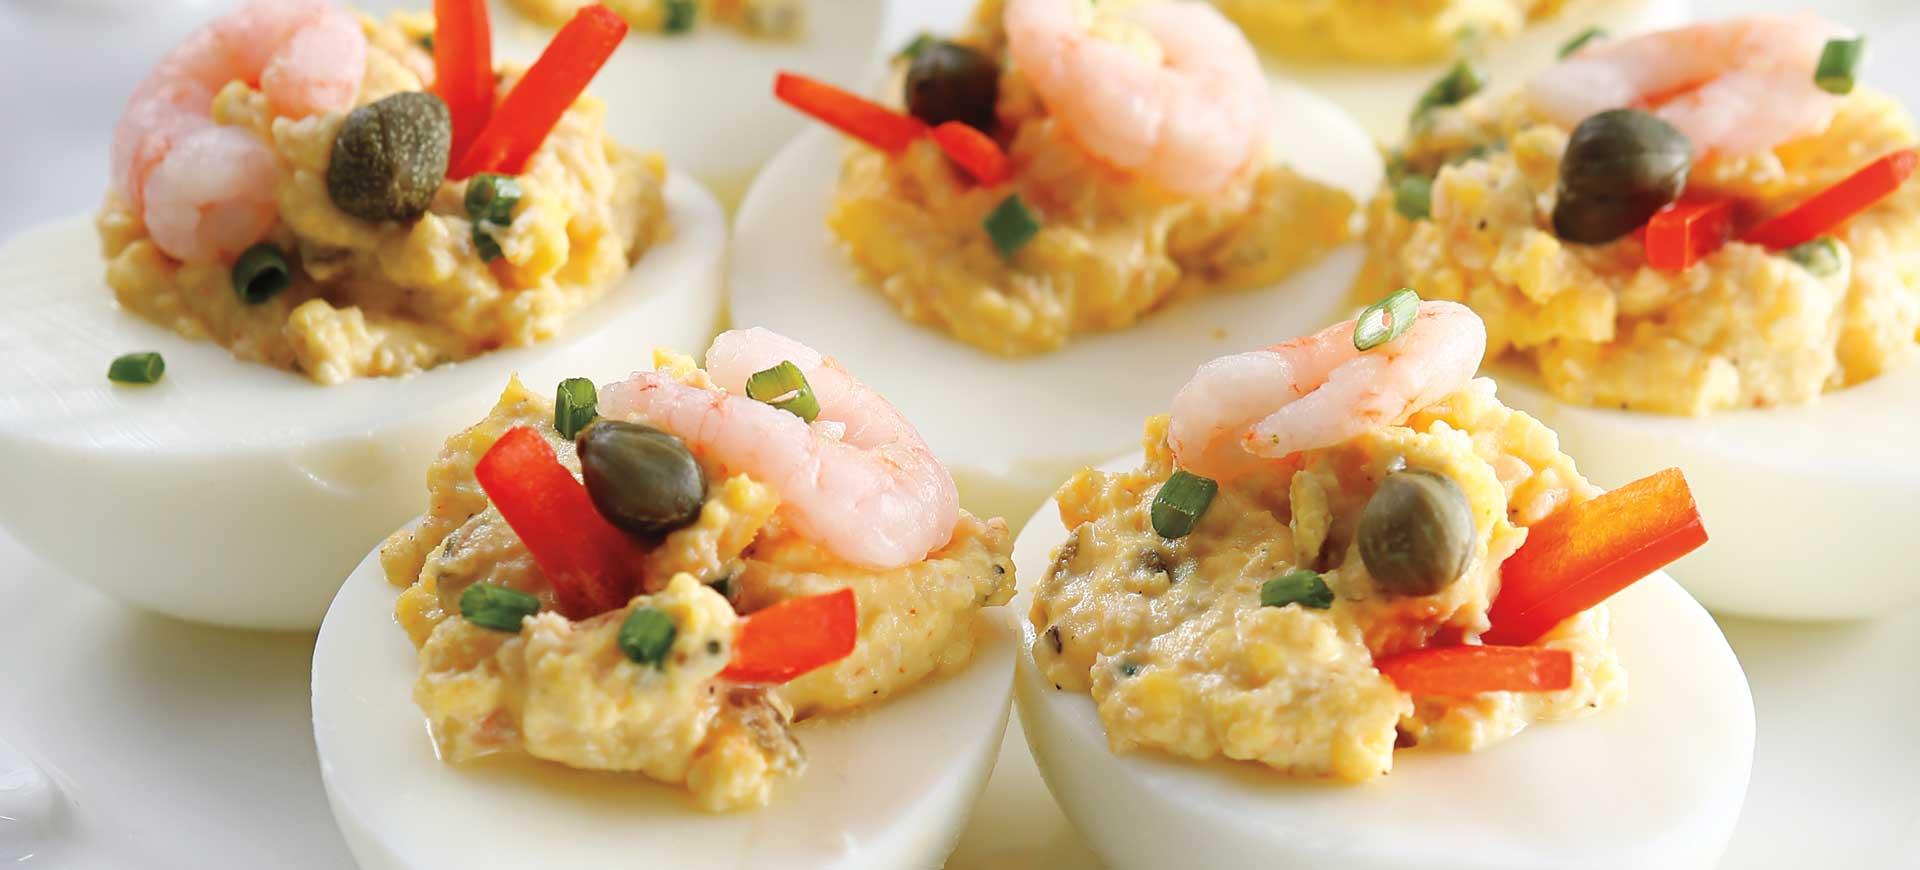 Shrimp Deviled Eggs - Schnucks